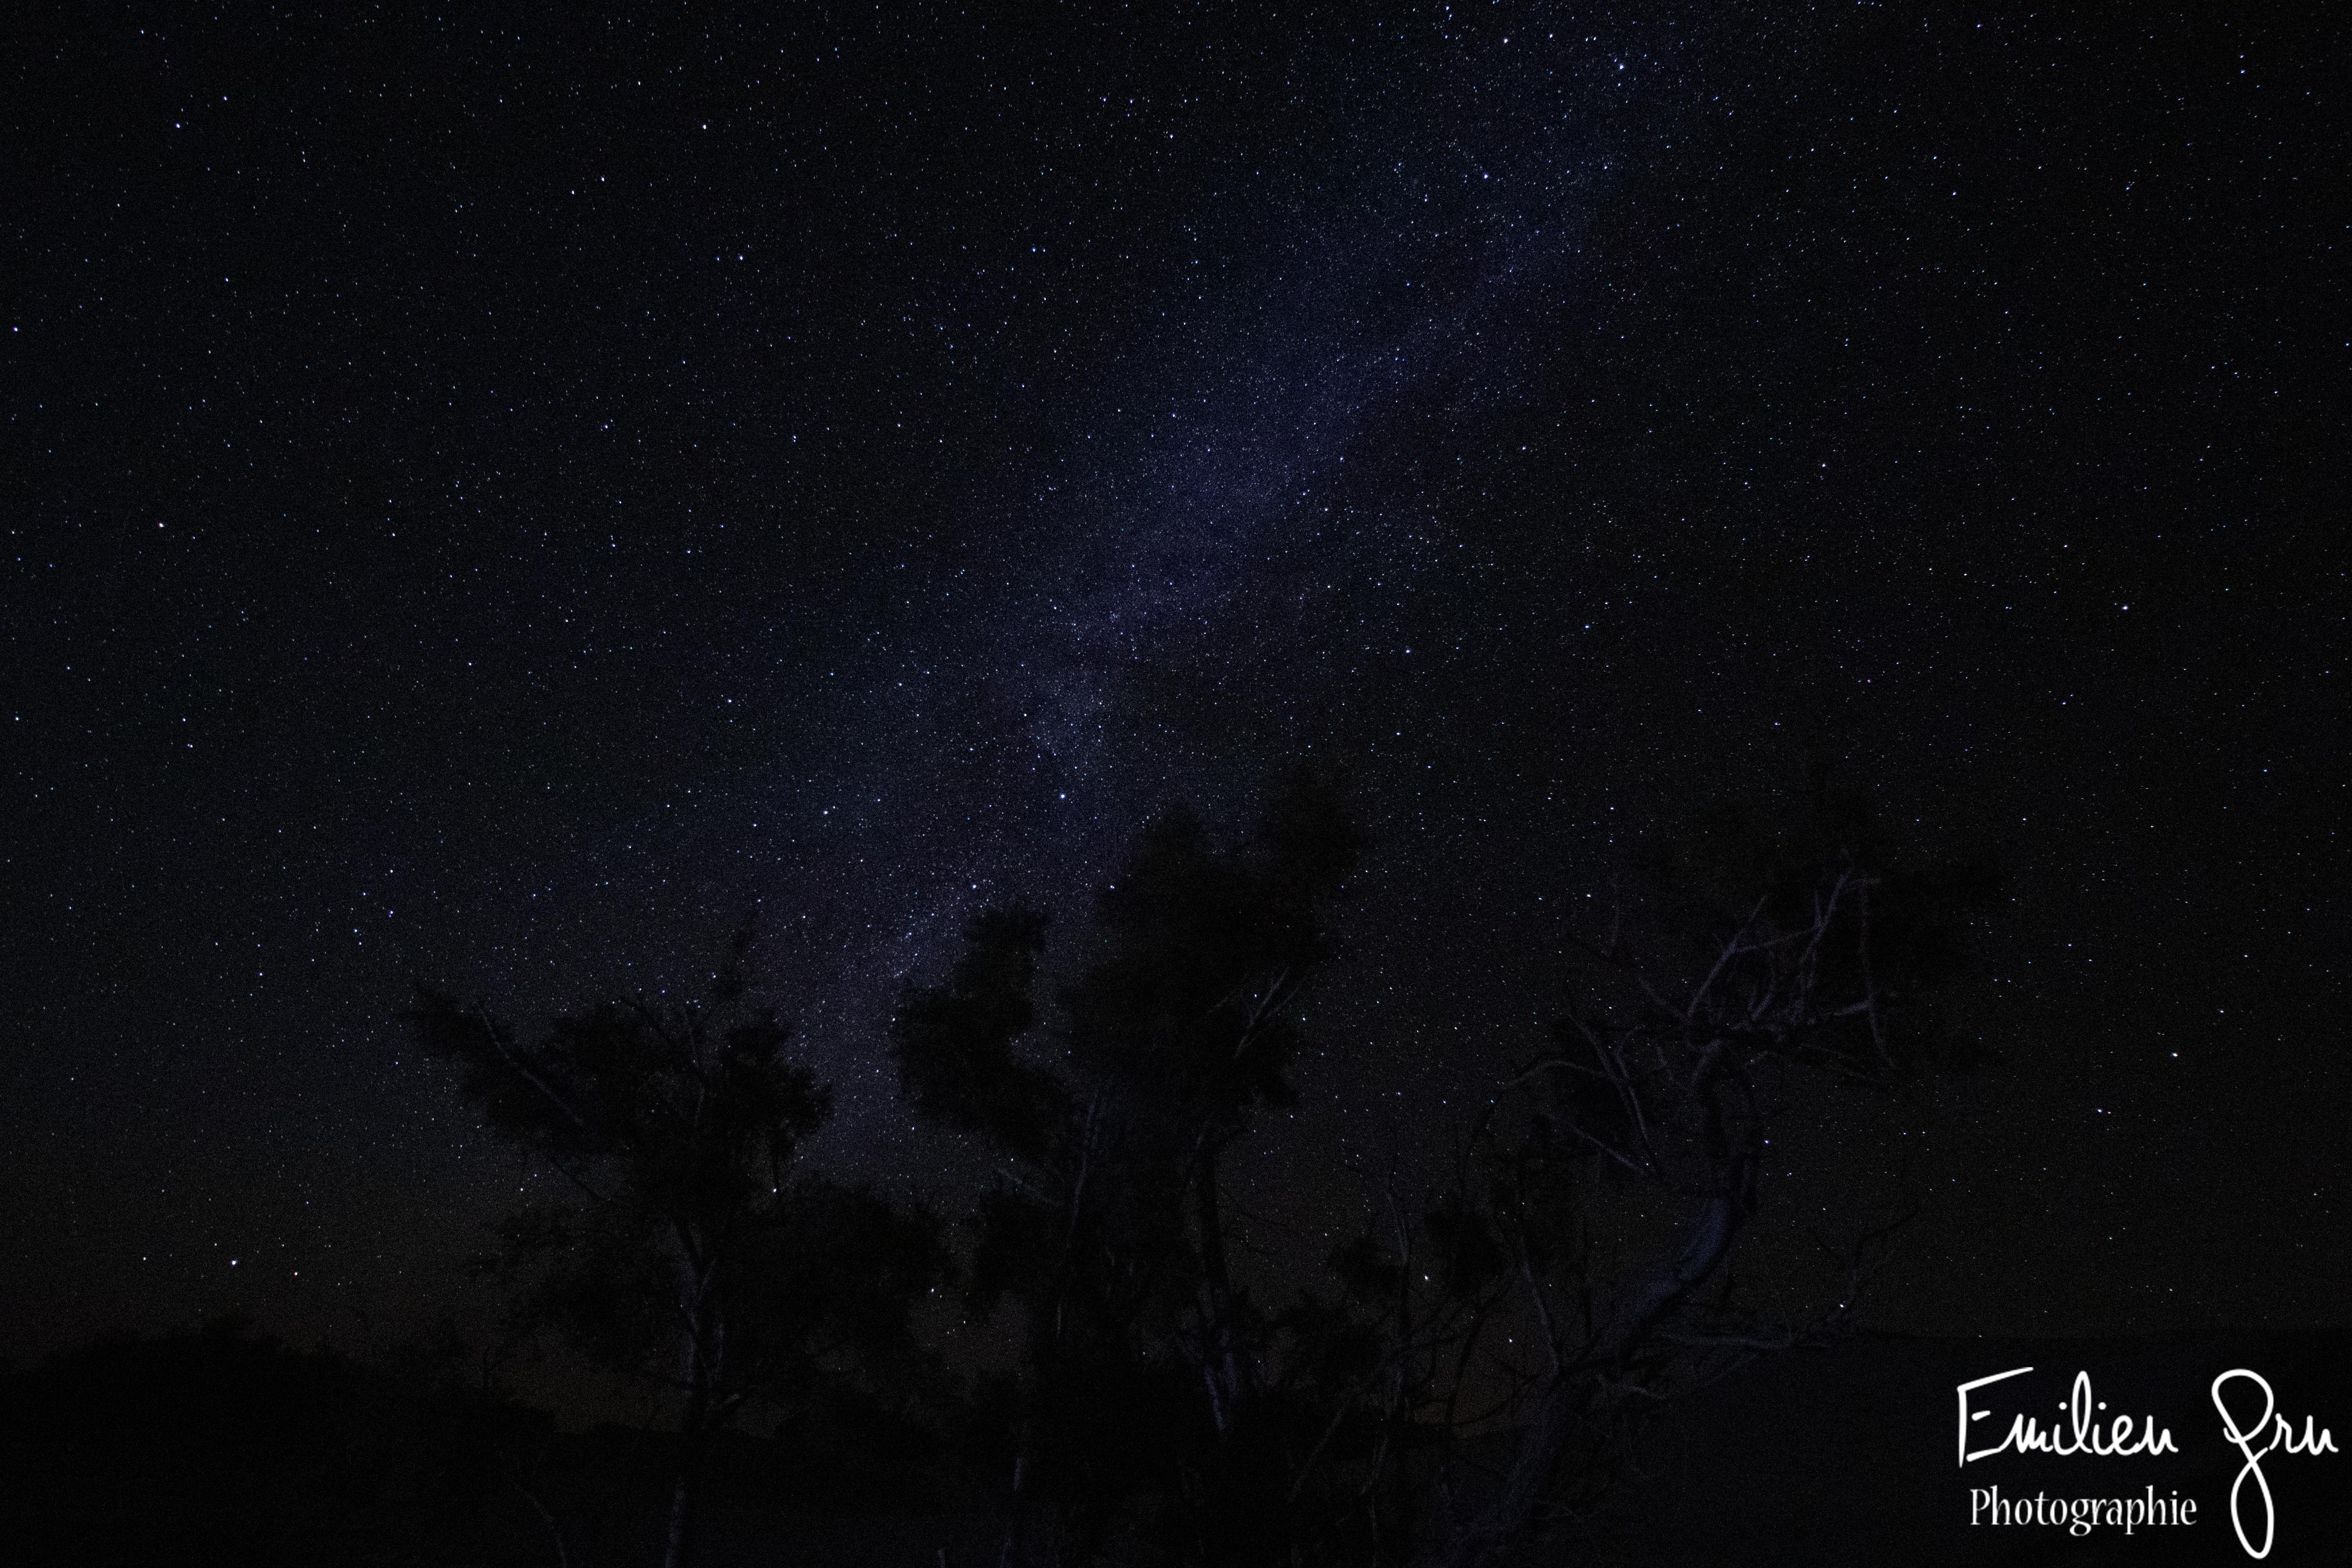 La voie Lactée - Emilien Grn Photographi